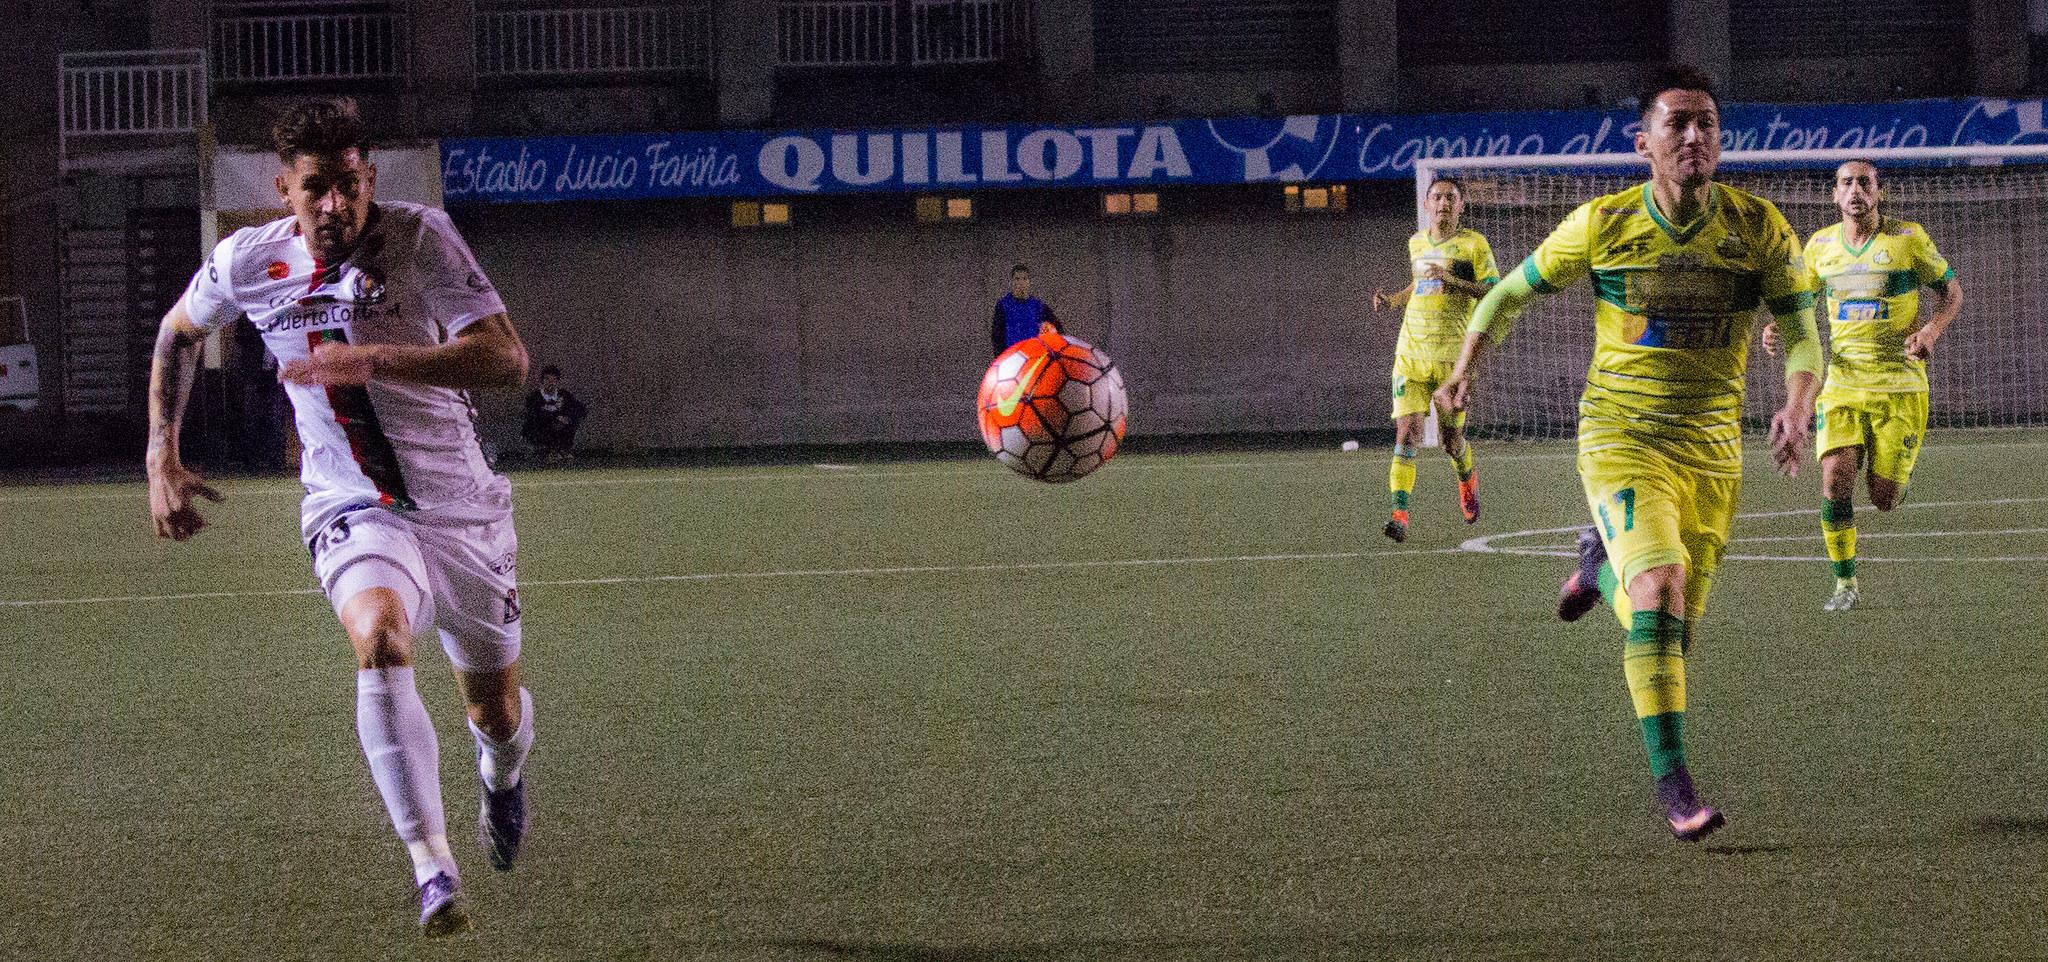 Galería de fotos: Deportes Pintana vs Lota Schwager